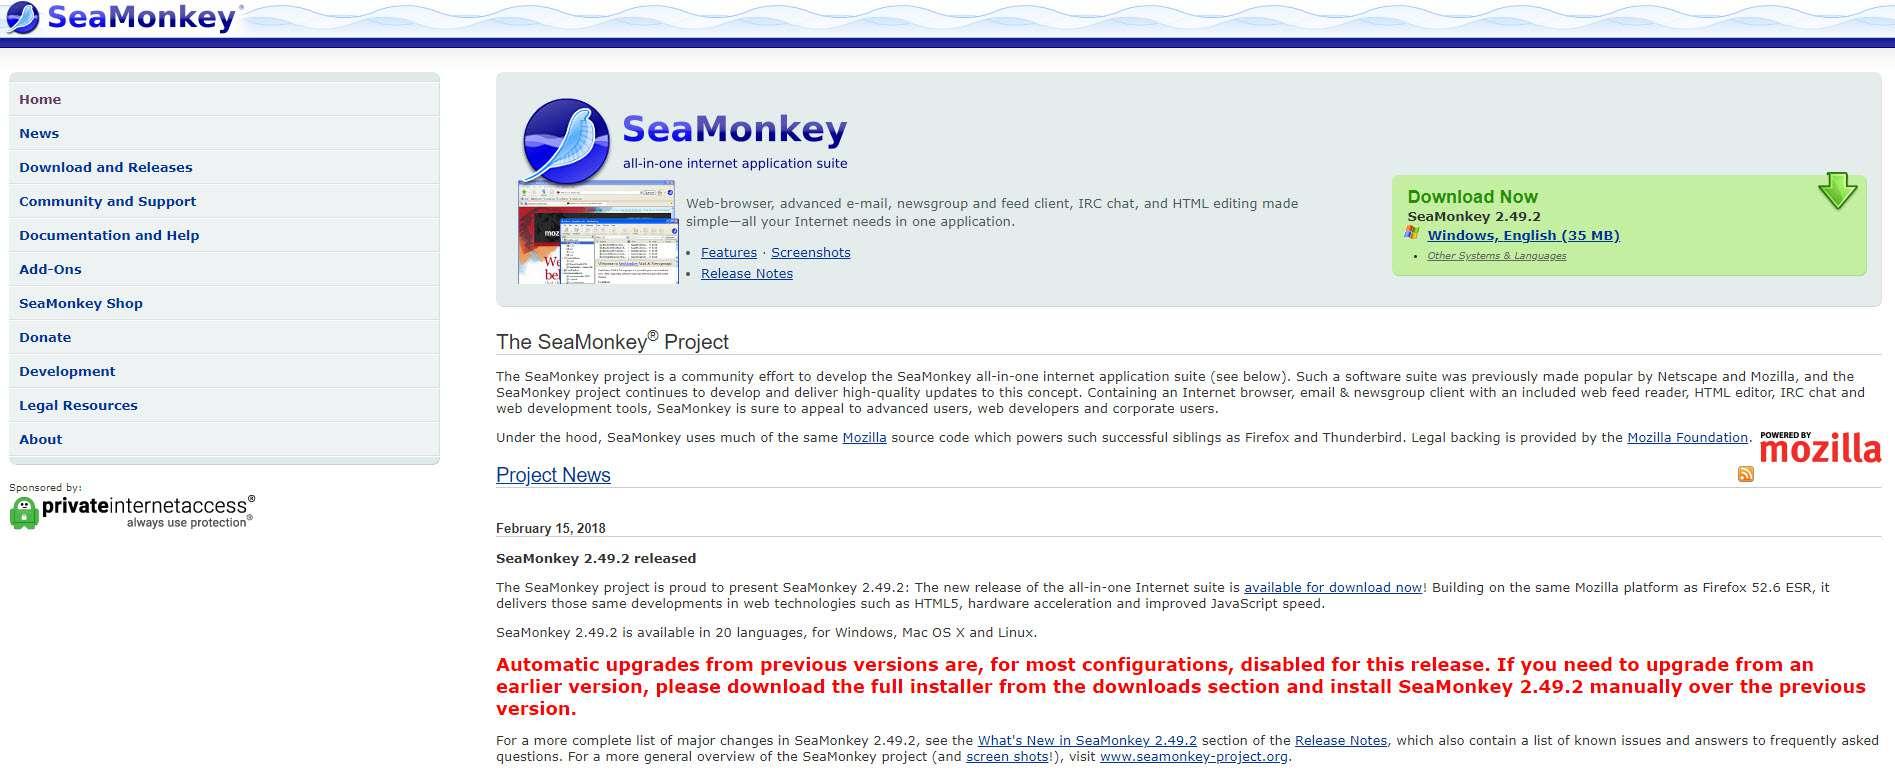 SeaMonkey WYSIWYG Home page